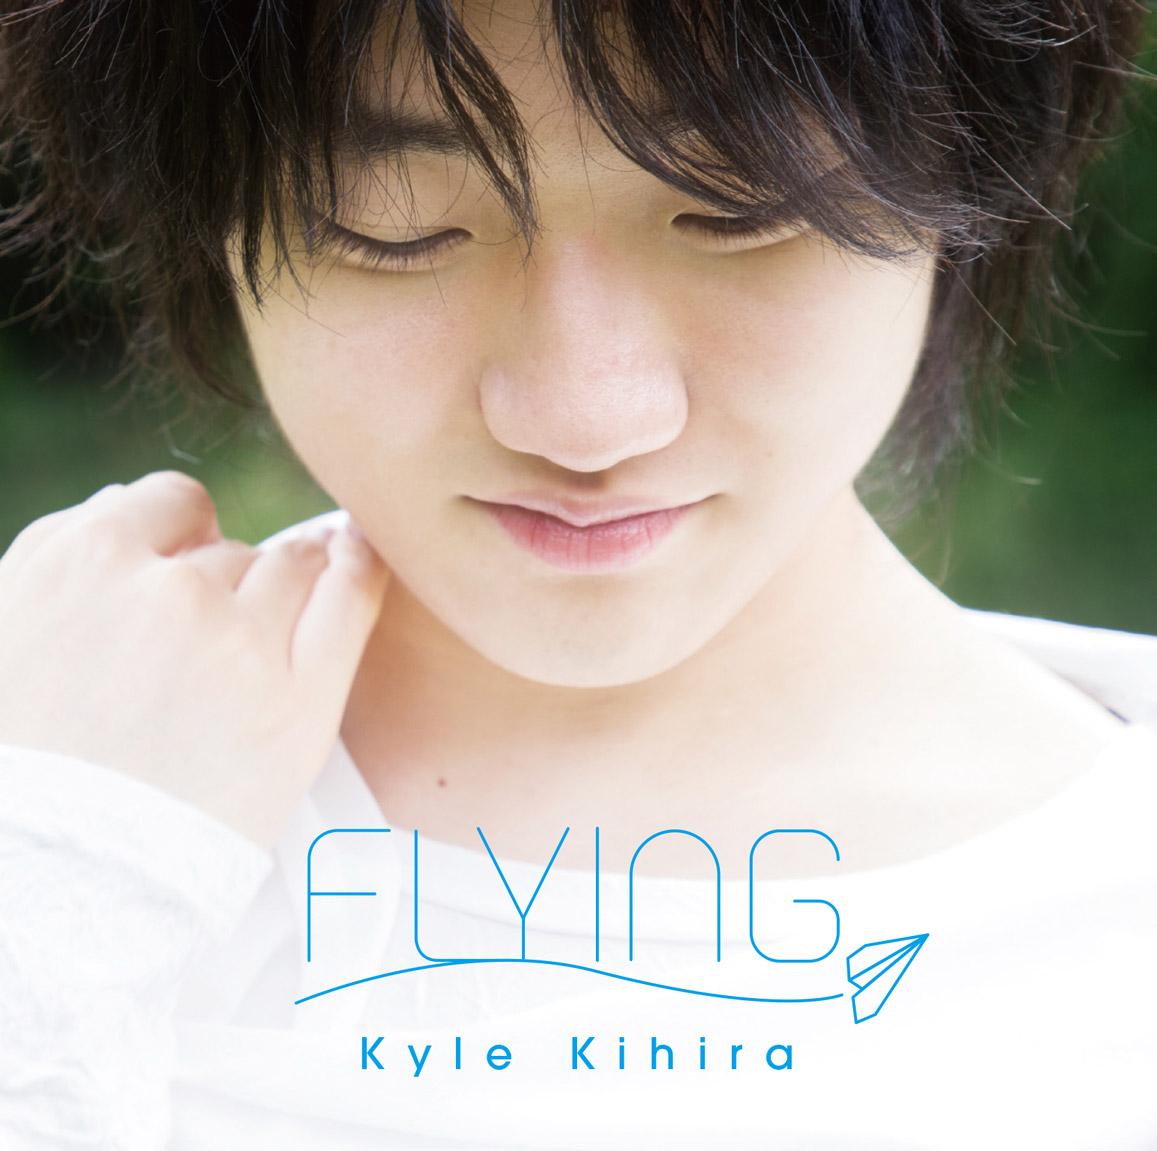 紀平凱成 デビューフルアルバム「FLYING」